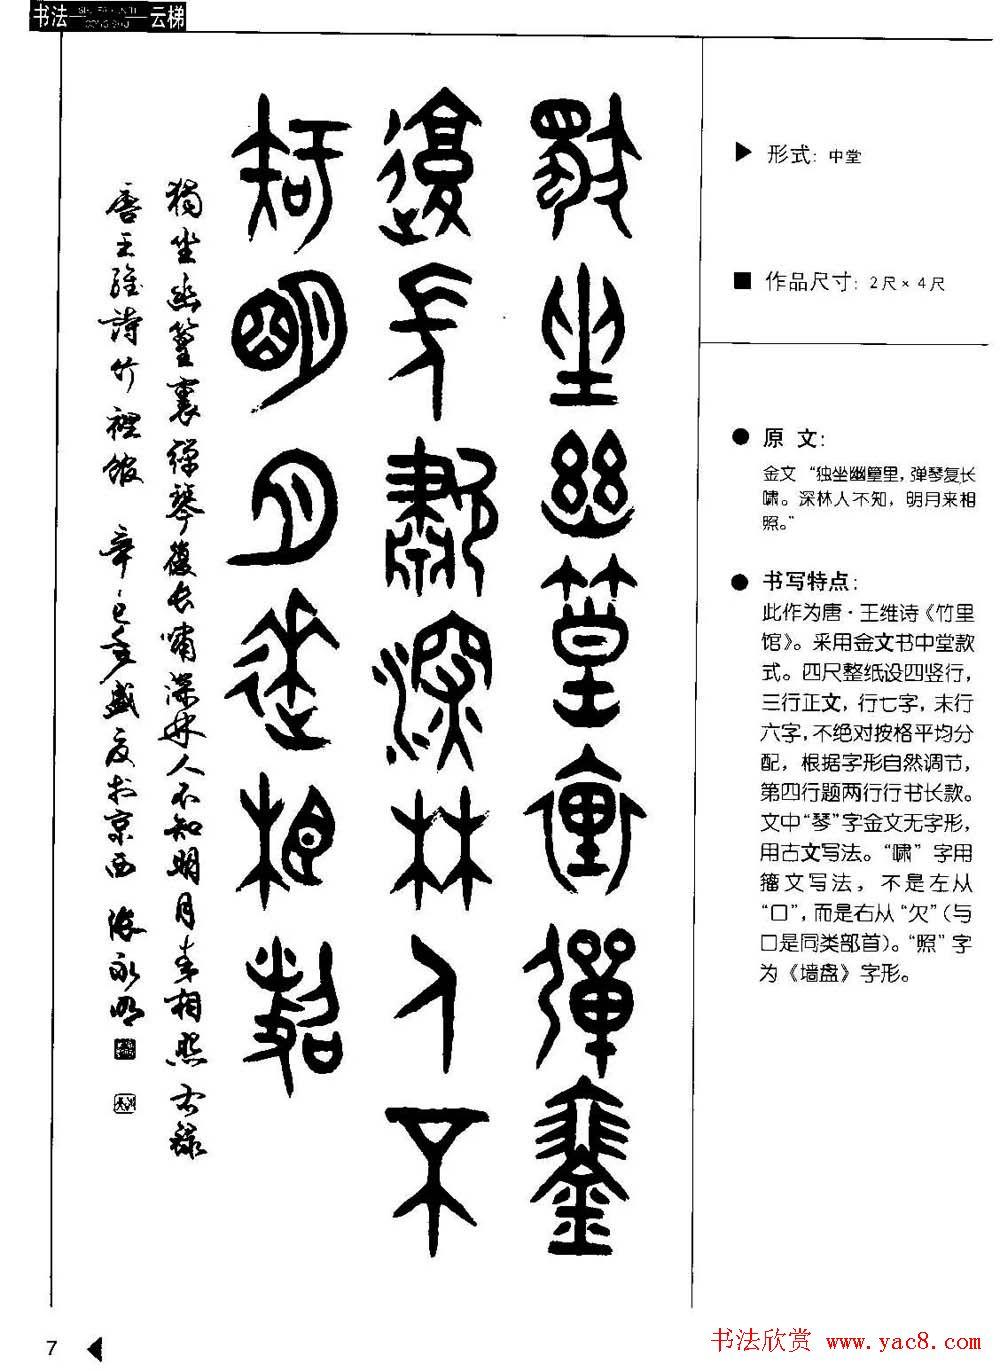 张永明篆书字帖 篆书诗词50例 第9页 篆书字帖 书法欣赏